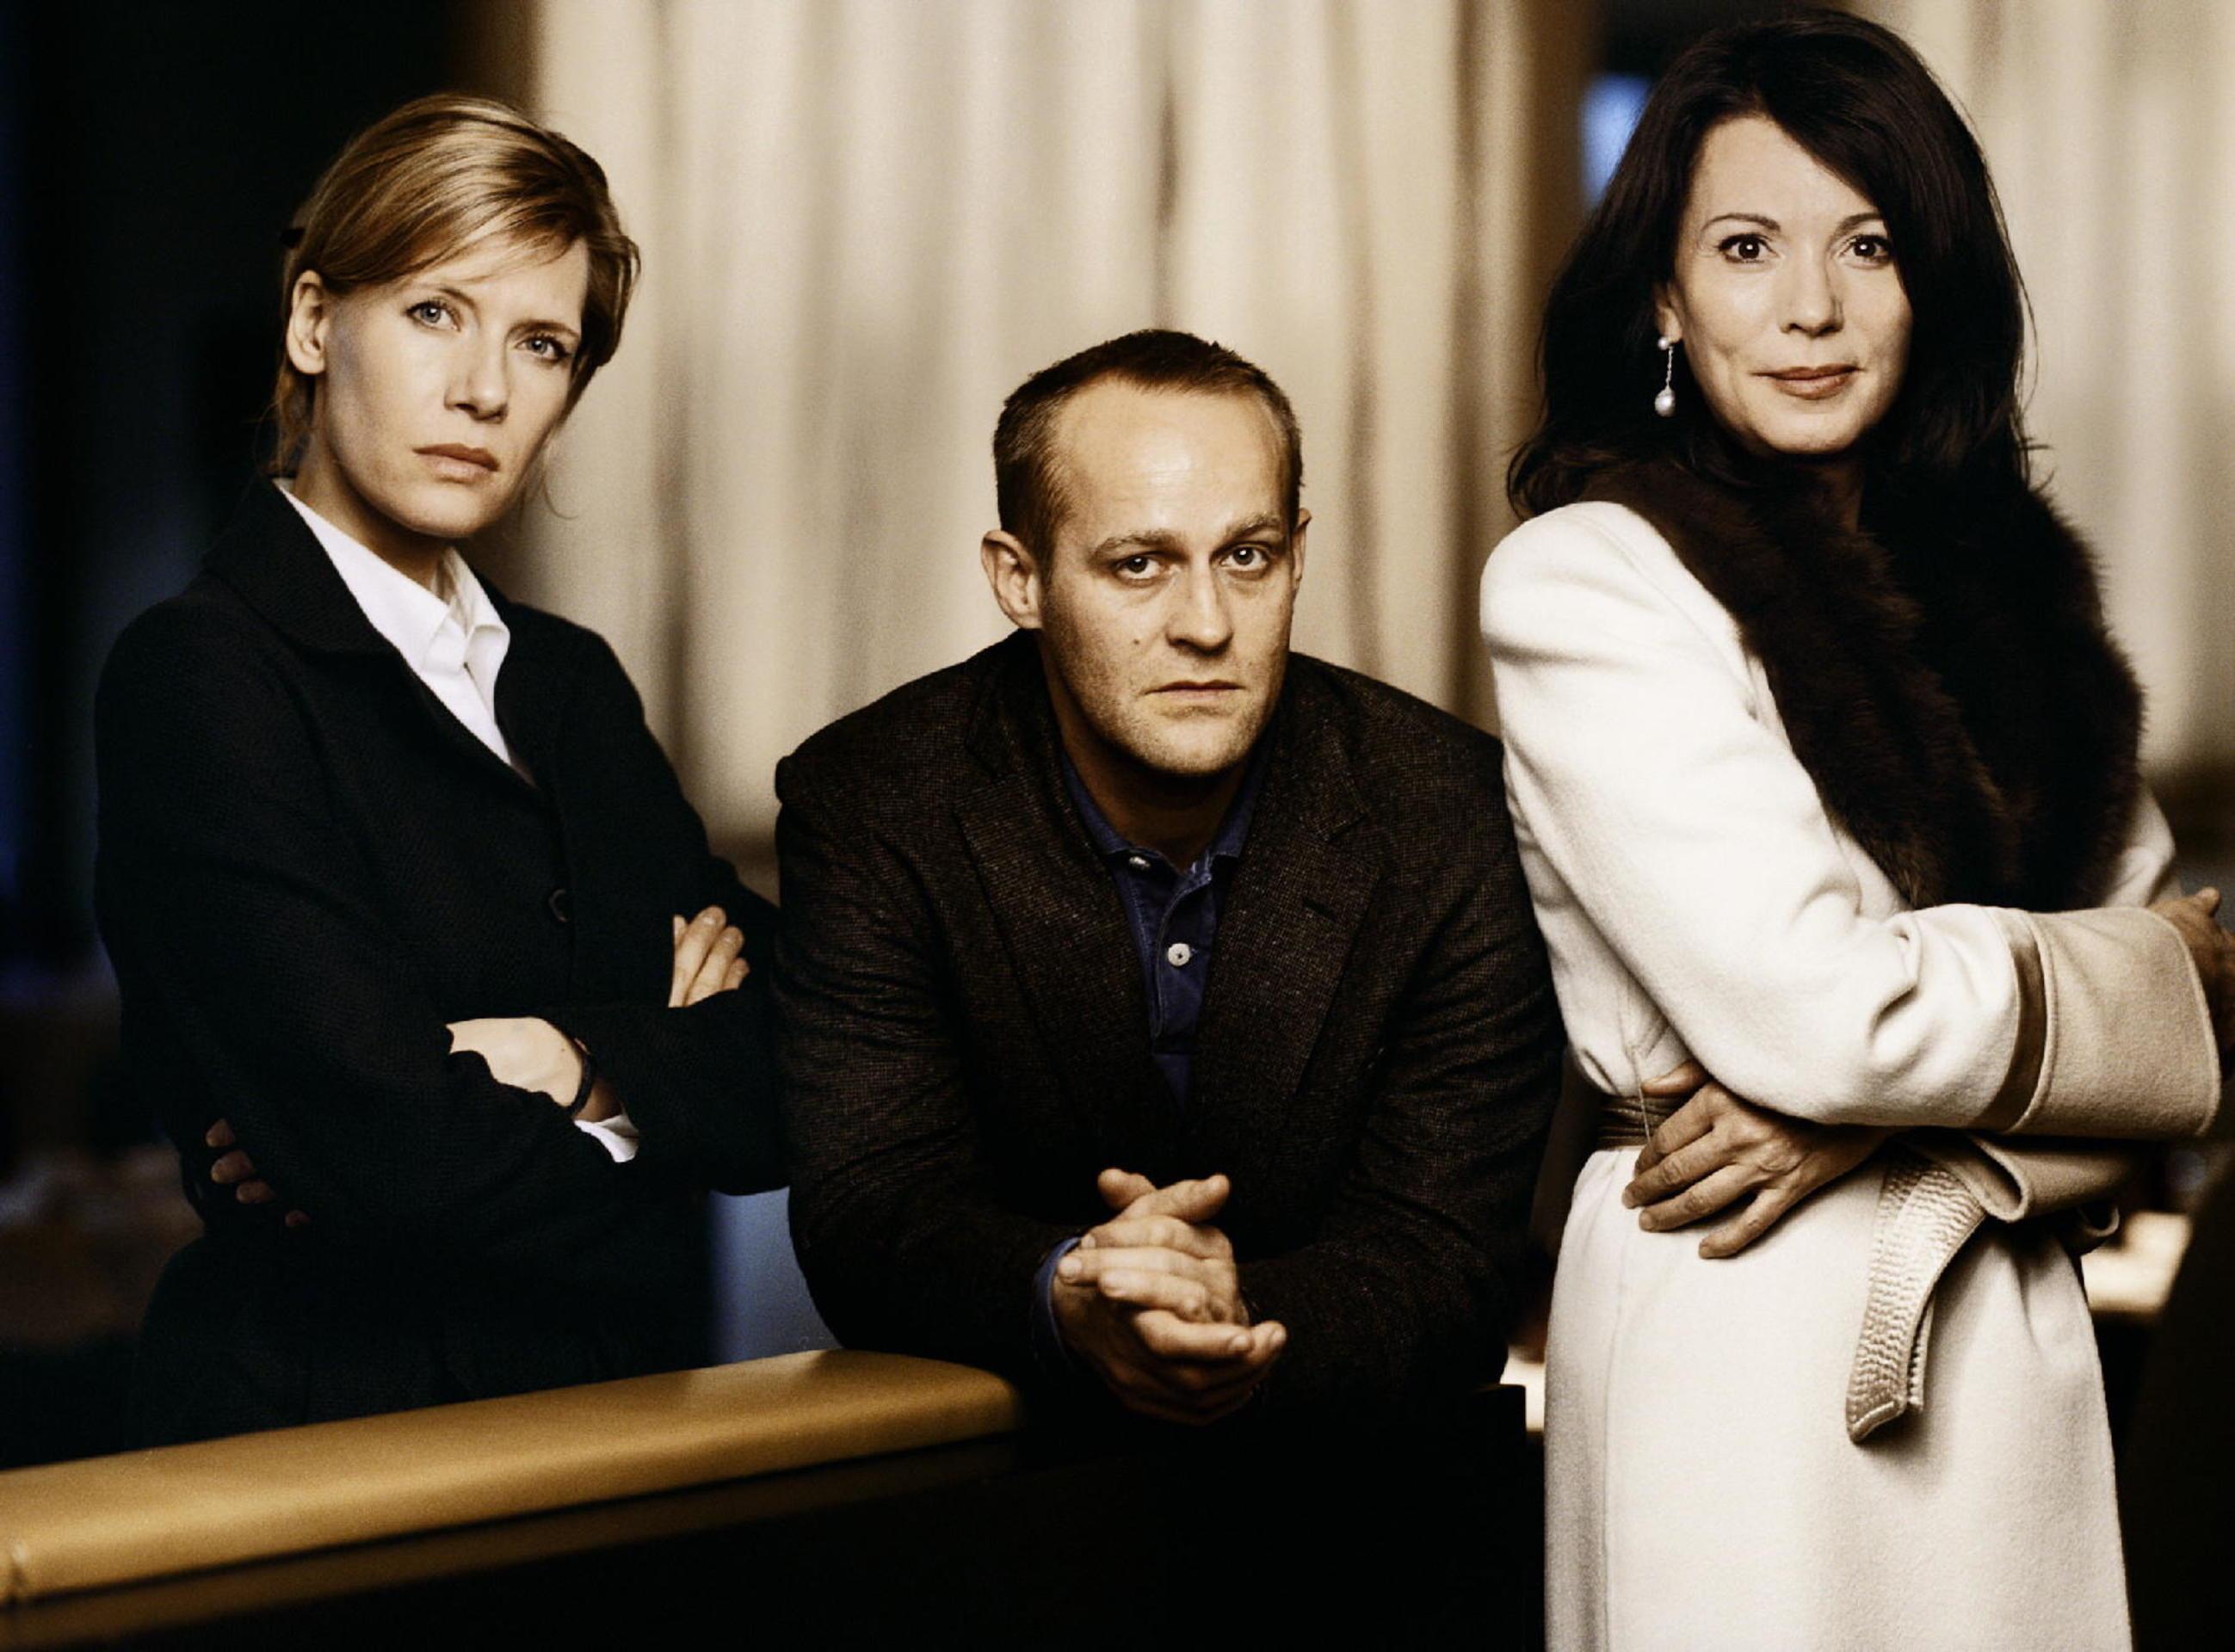 Iris Berben, Jürgen Vogel, and Ina Weisse in Duell in der Nacht (2007)